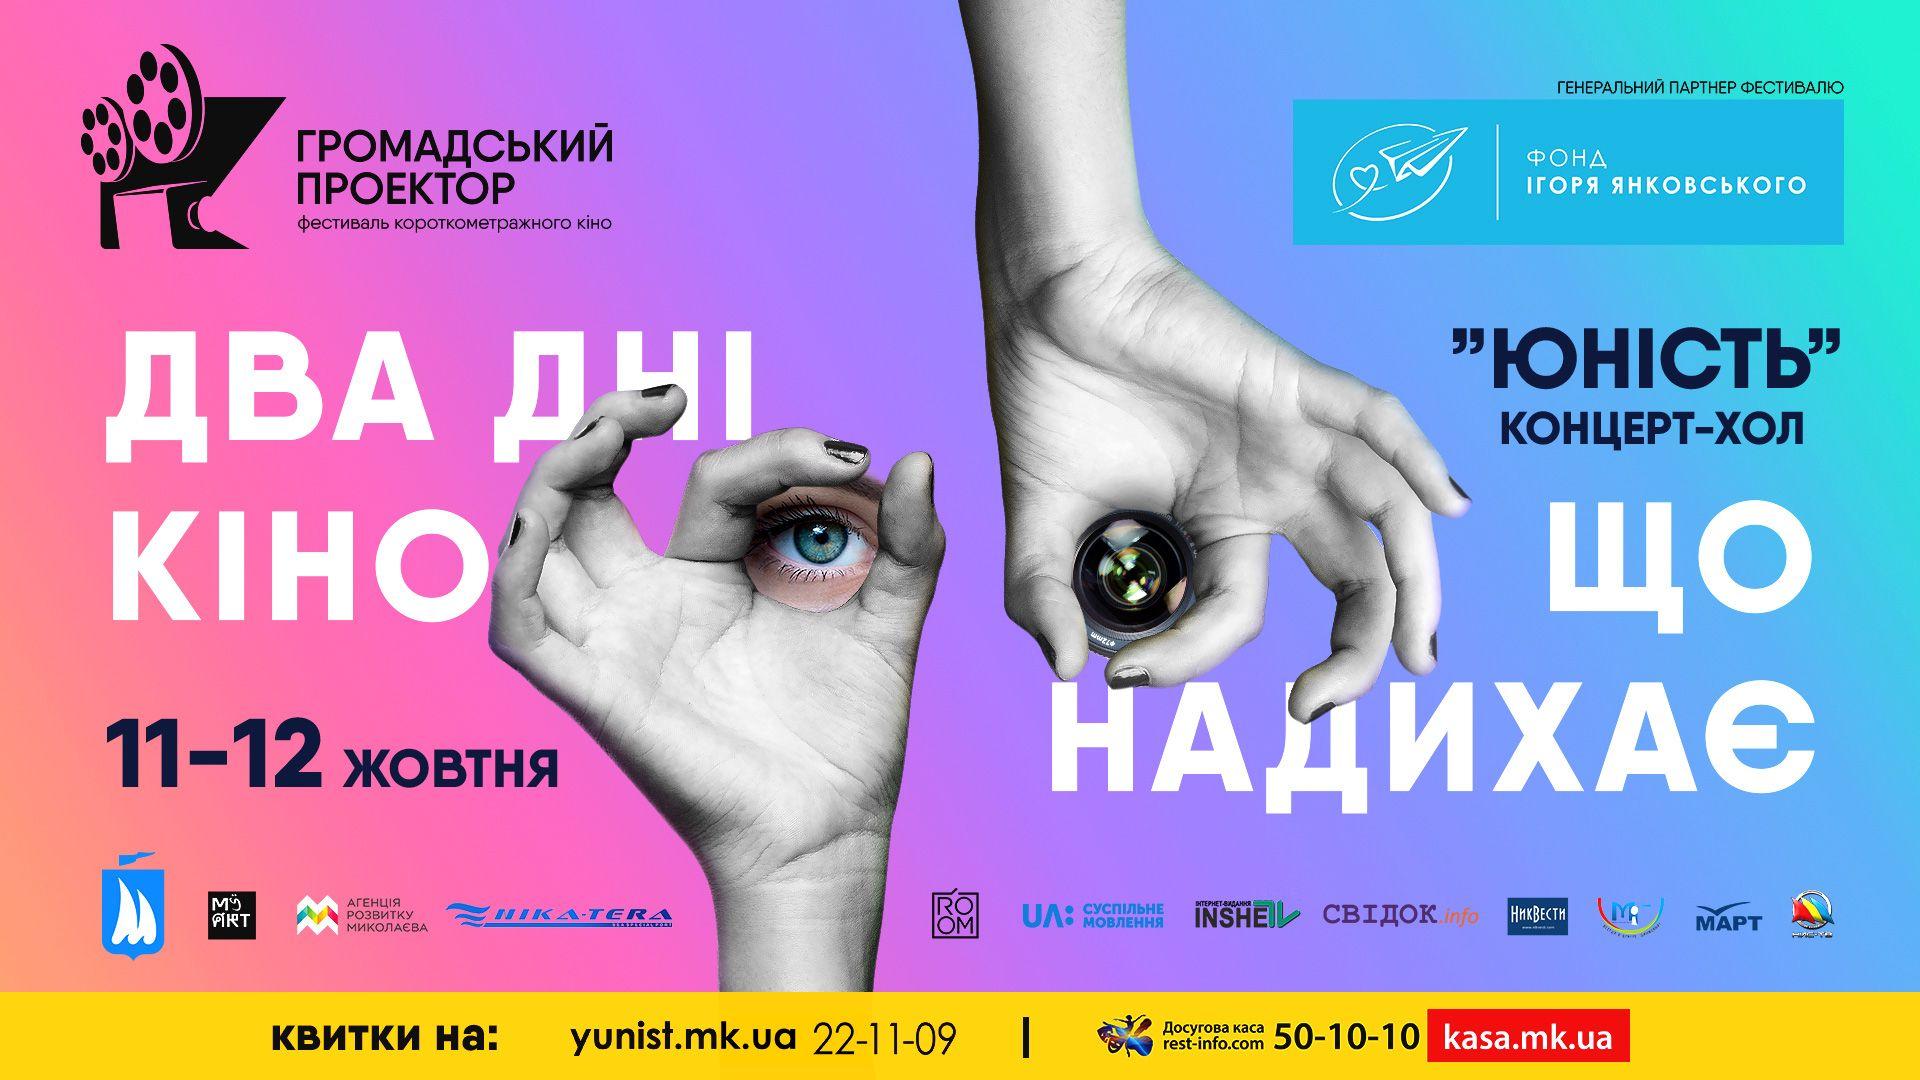 Лучшее украинское кино и звездные гости: в Николаеве пройдет кинофестиваль «Громадський проектор»